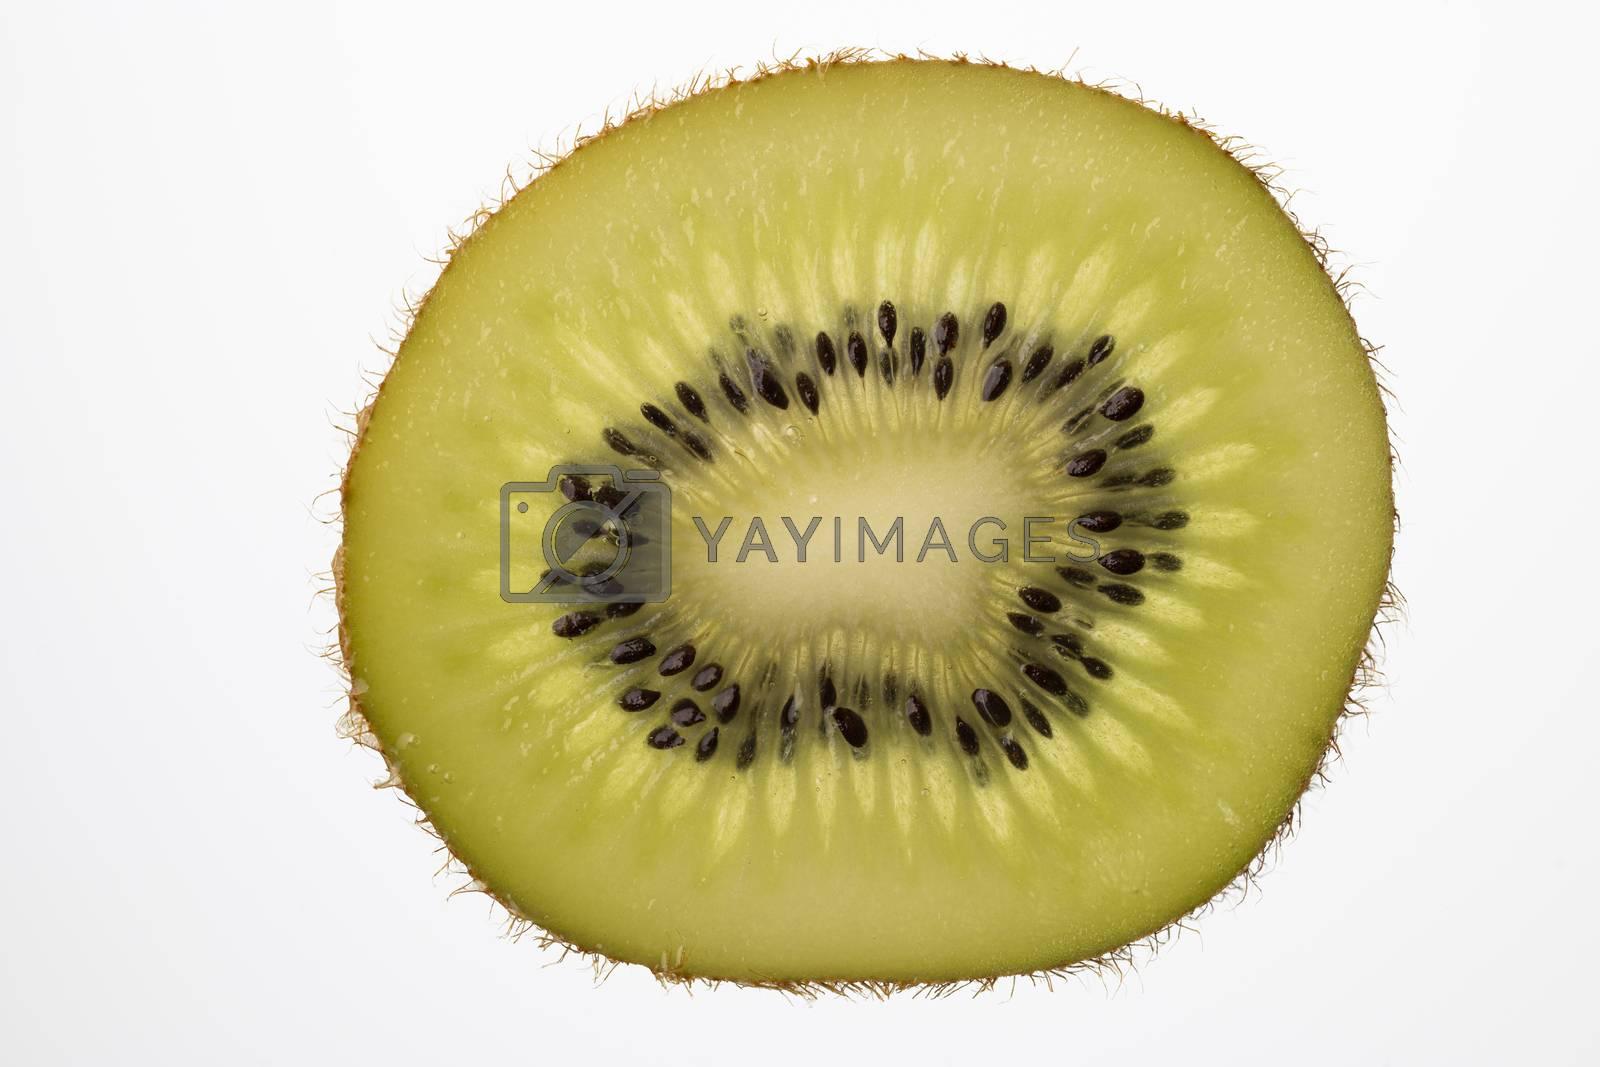 Slice of Kiwi fruit cut in backlight foto shot